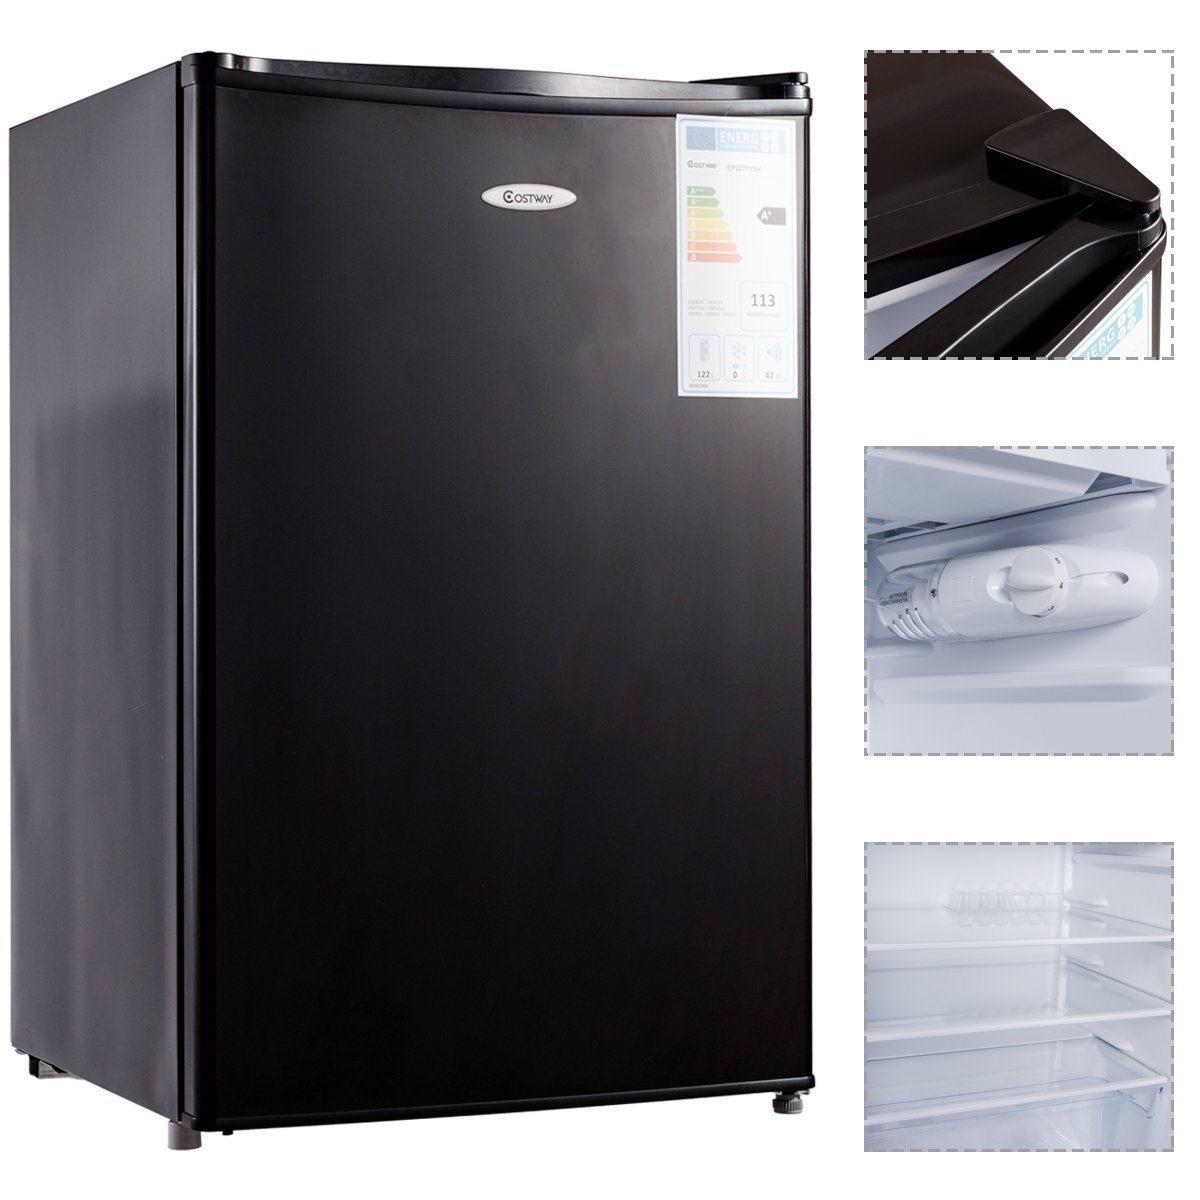 Einbaukühlschrank mit Gefrierfach aus allen Sichten